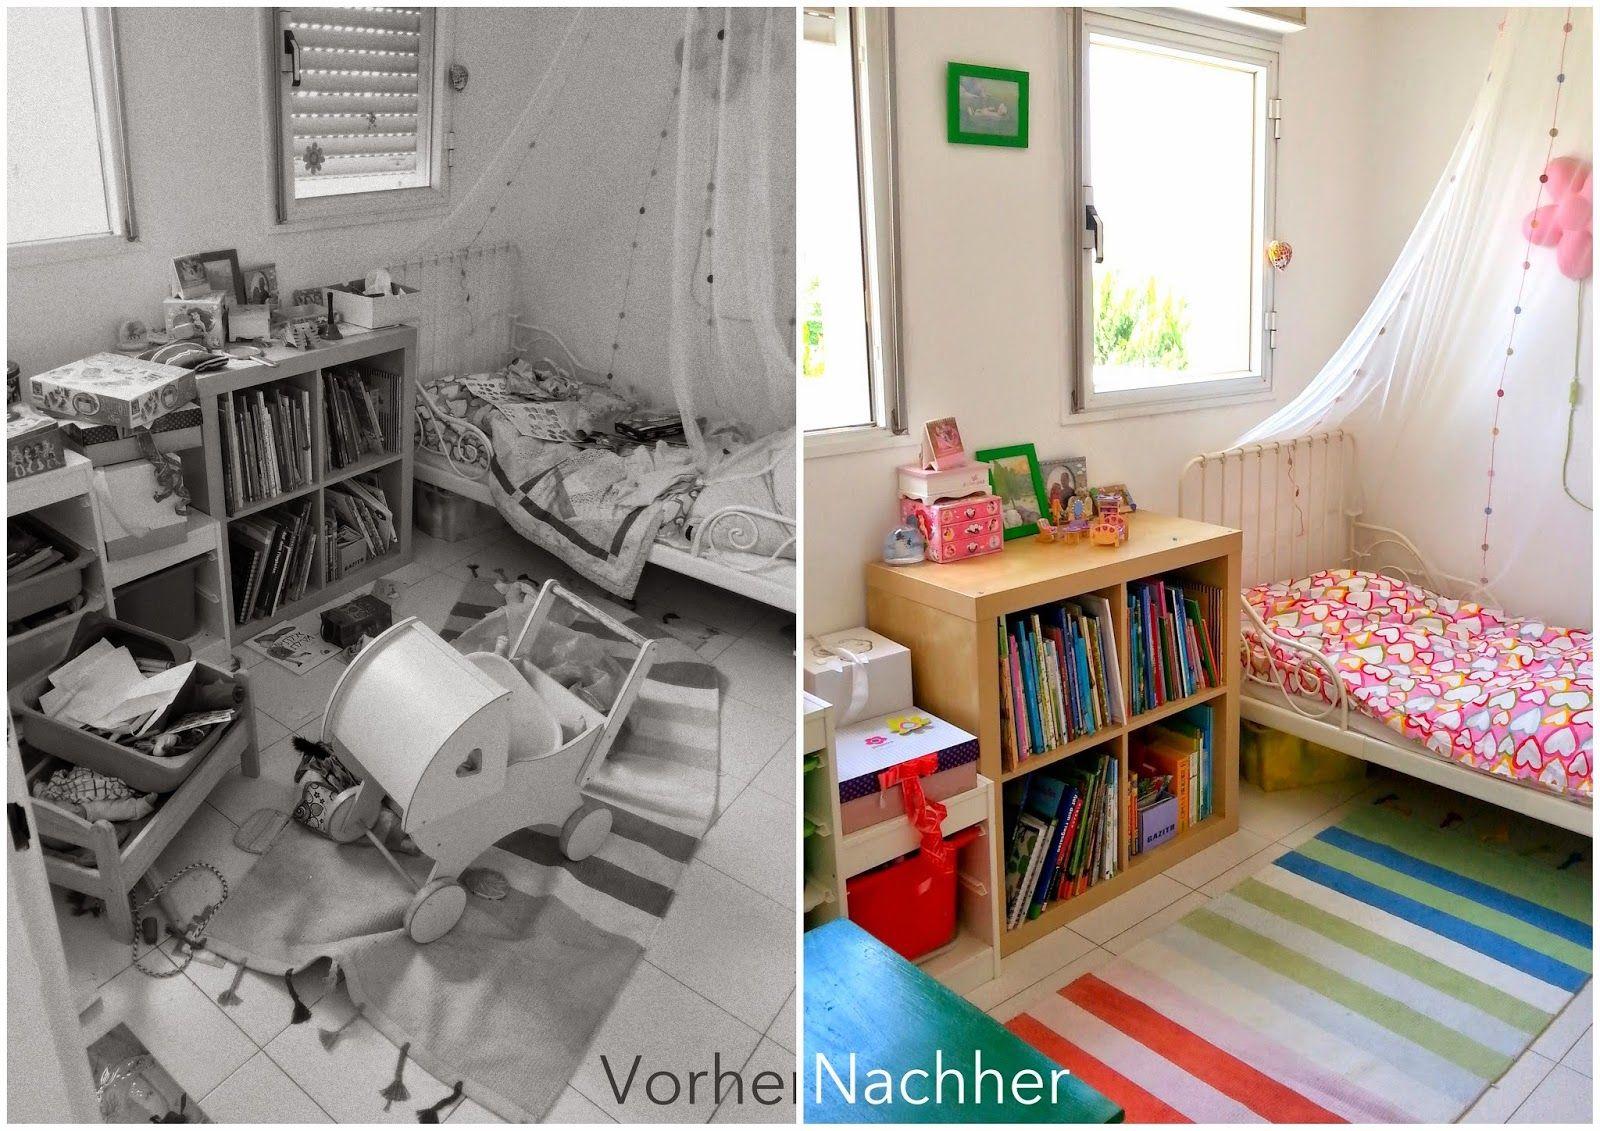 Fragmente Aufgeraumtes Kinderzimmer Home Kinder Zimmer